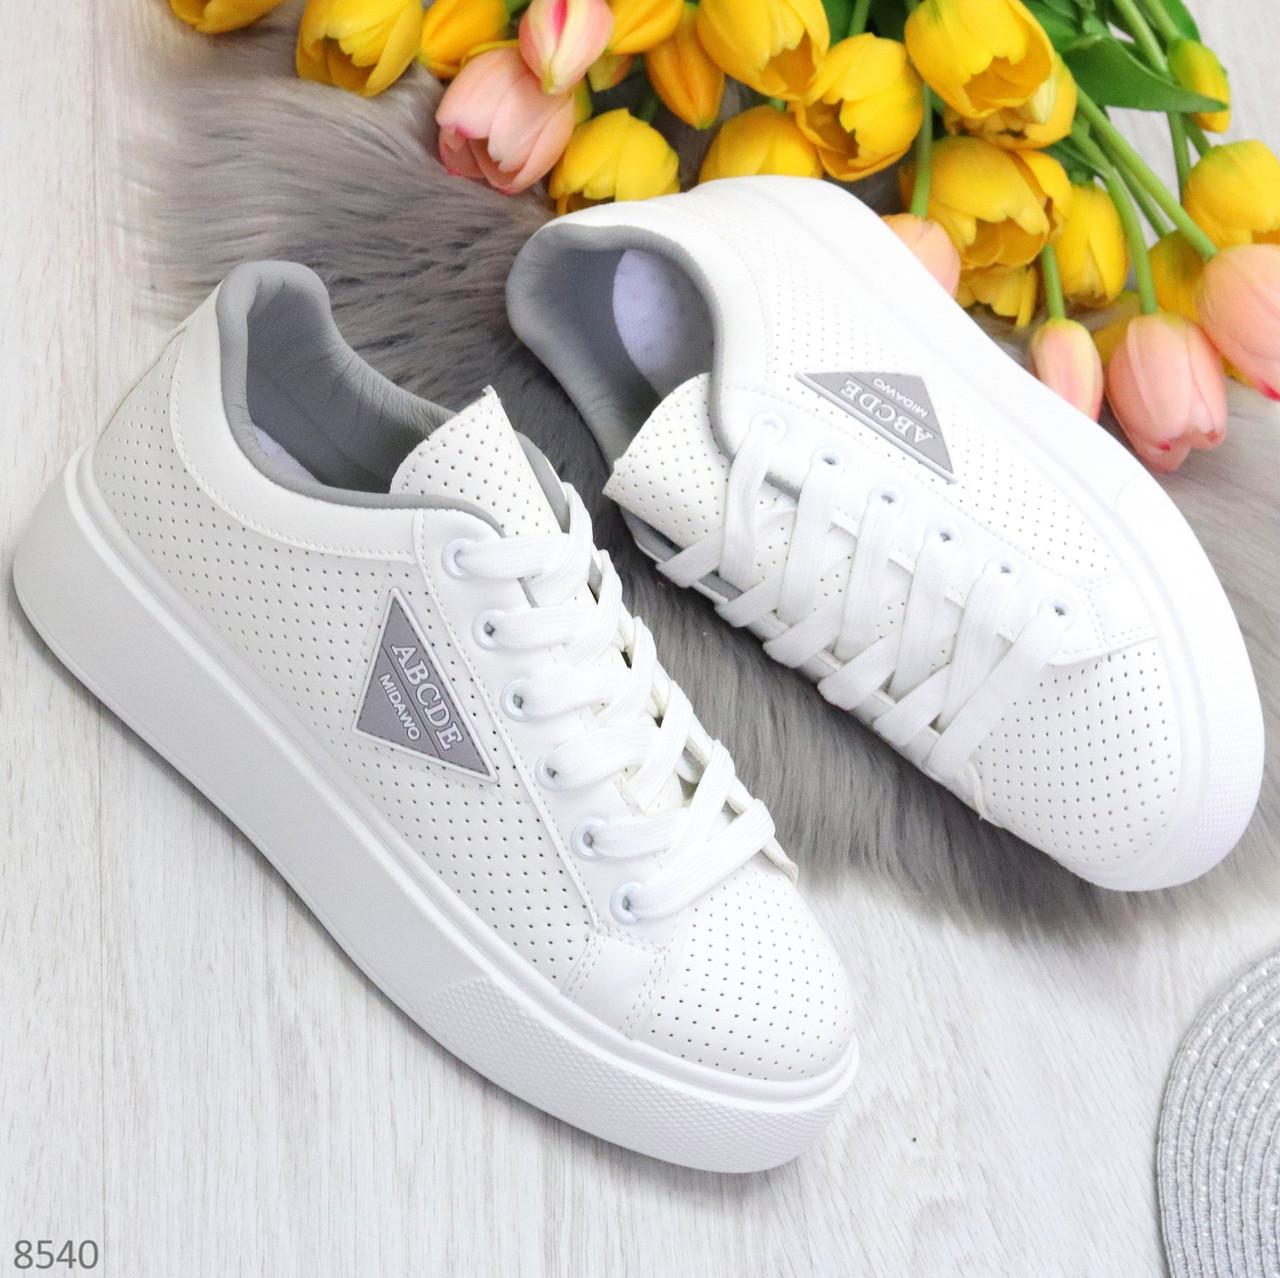 Модные белые серые дышащие женские кроссовки кеды крипперы с перфорацией